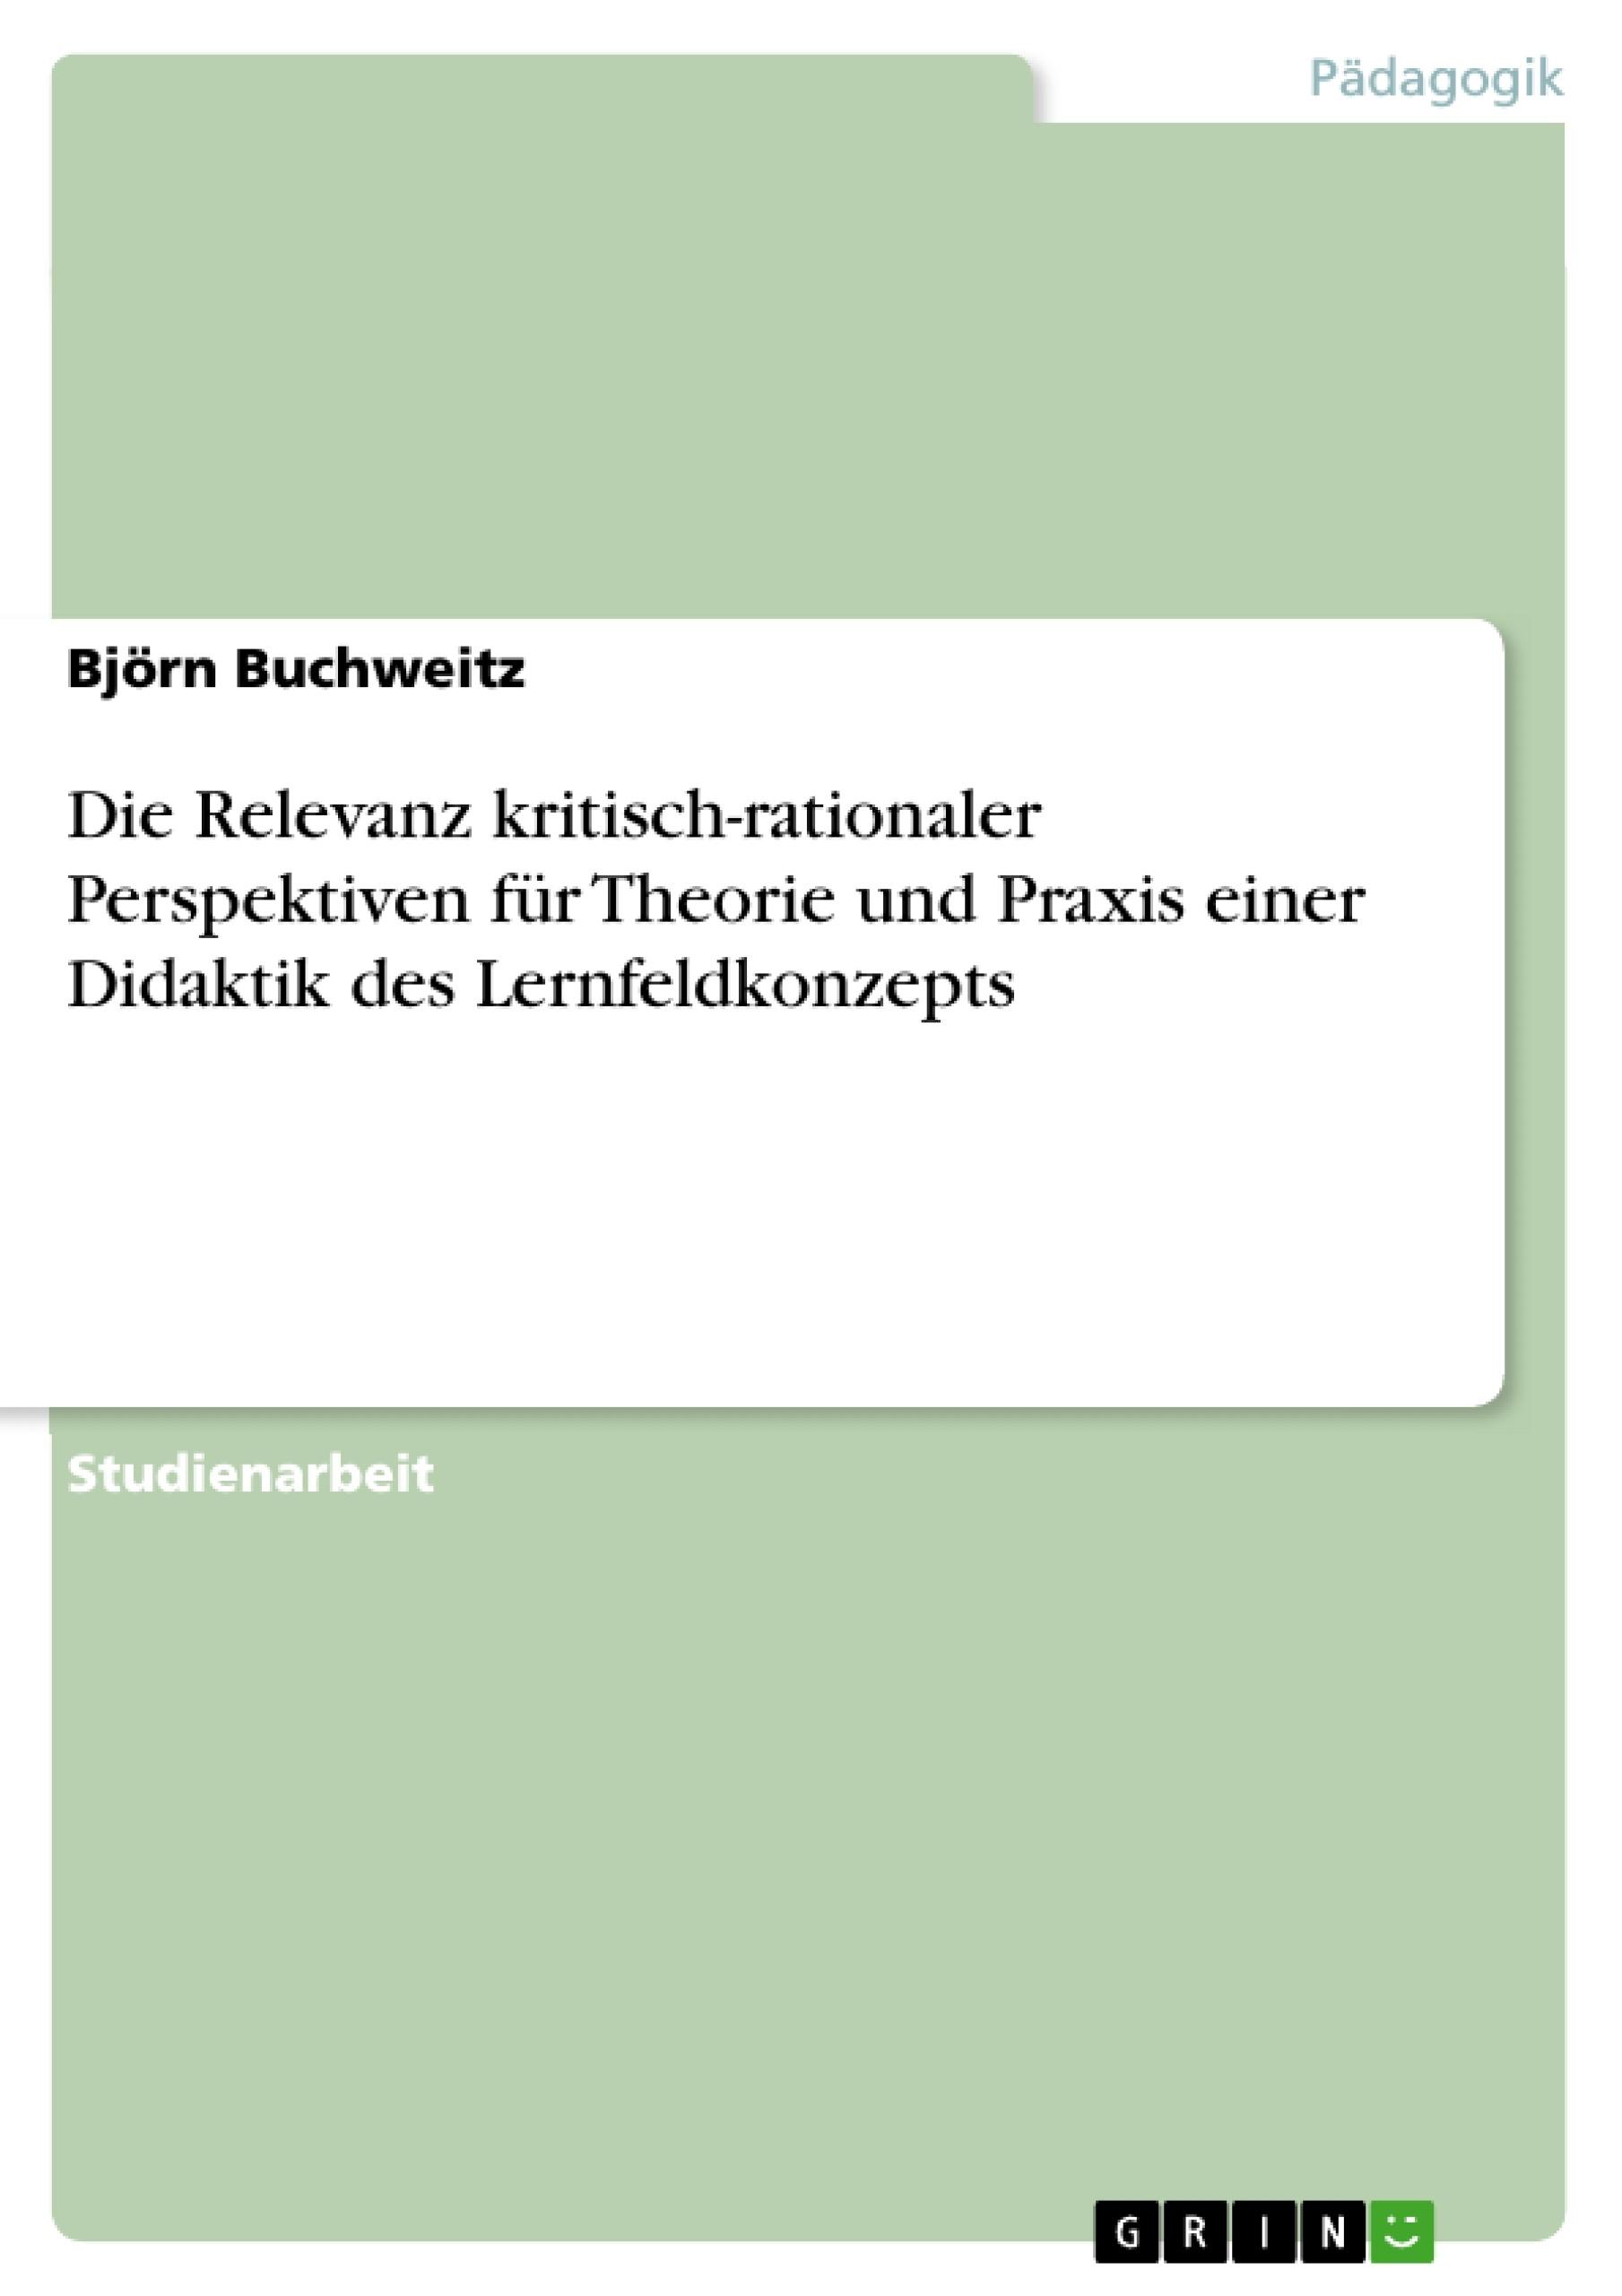 Titel: Die Relevanz kritisch-rationaler Perspektiven für Theorie und Praxis einer Didaktik des Lernfeldkonzepts